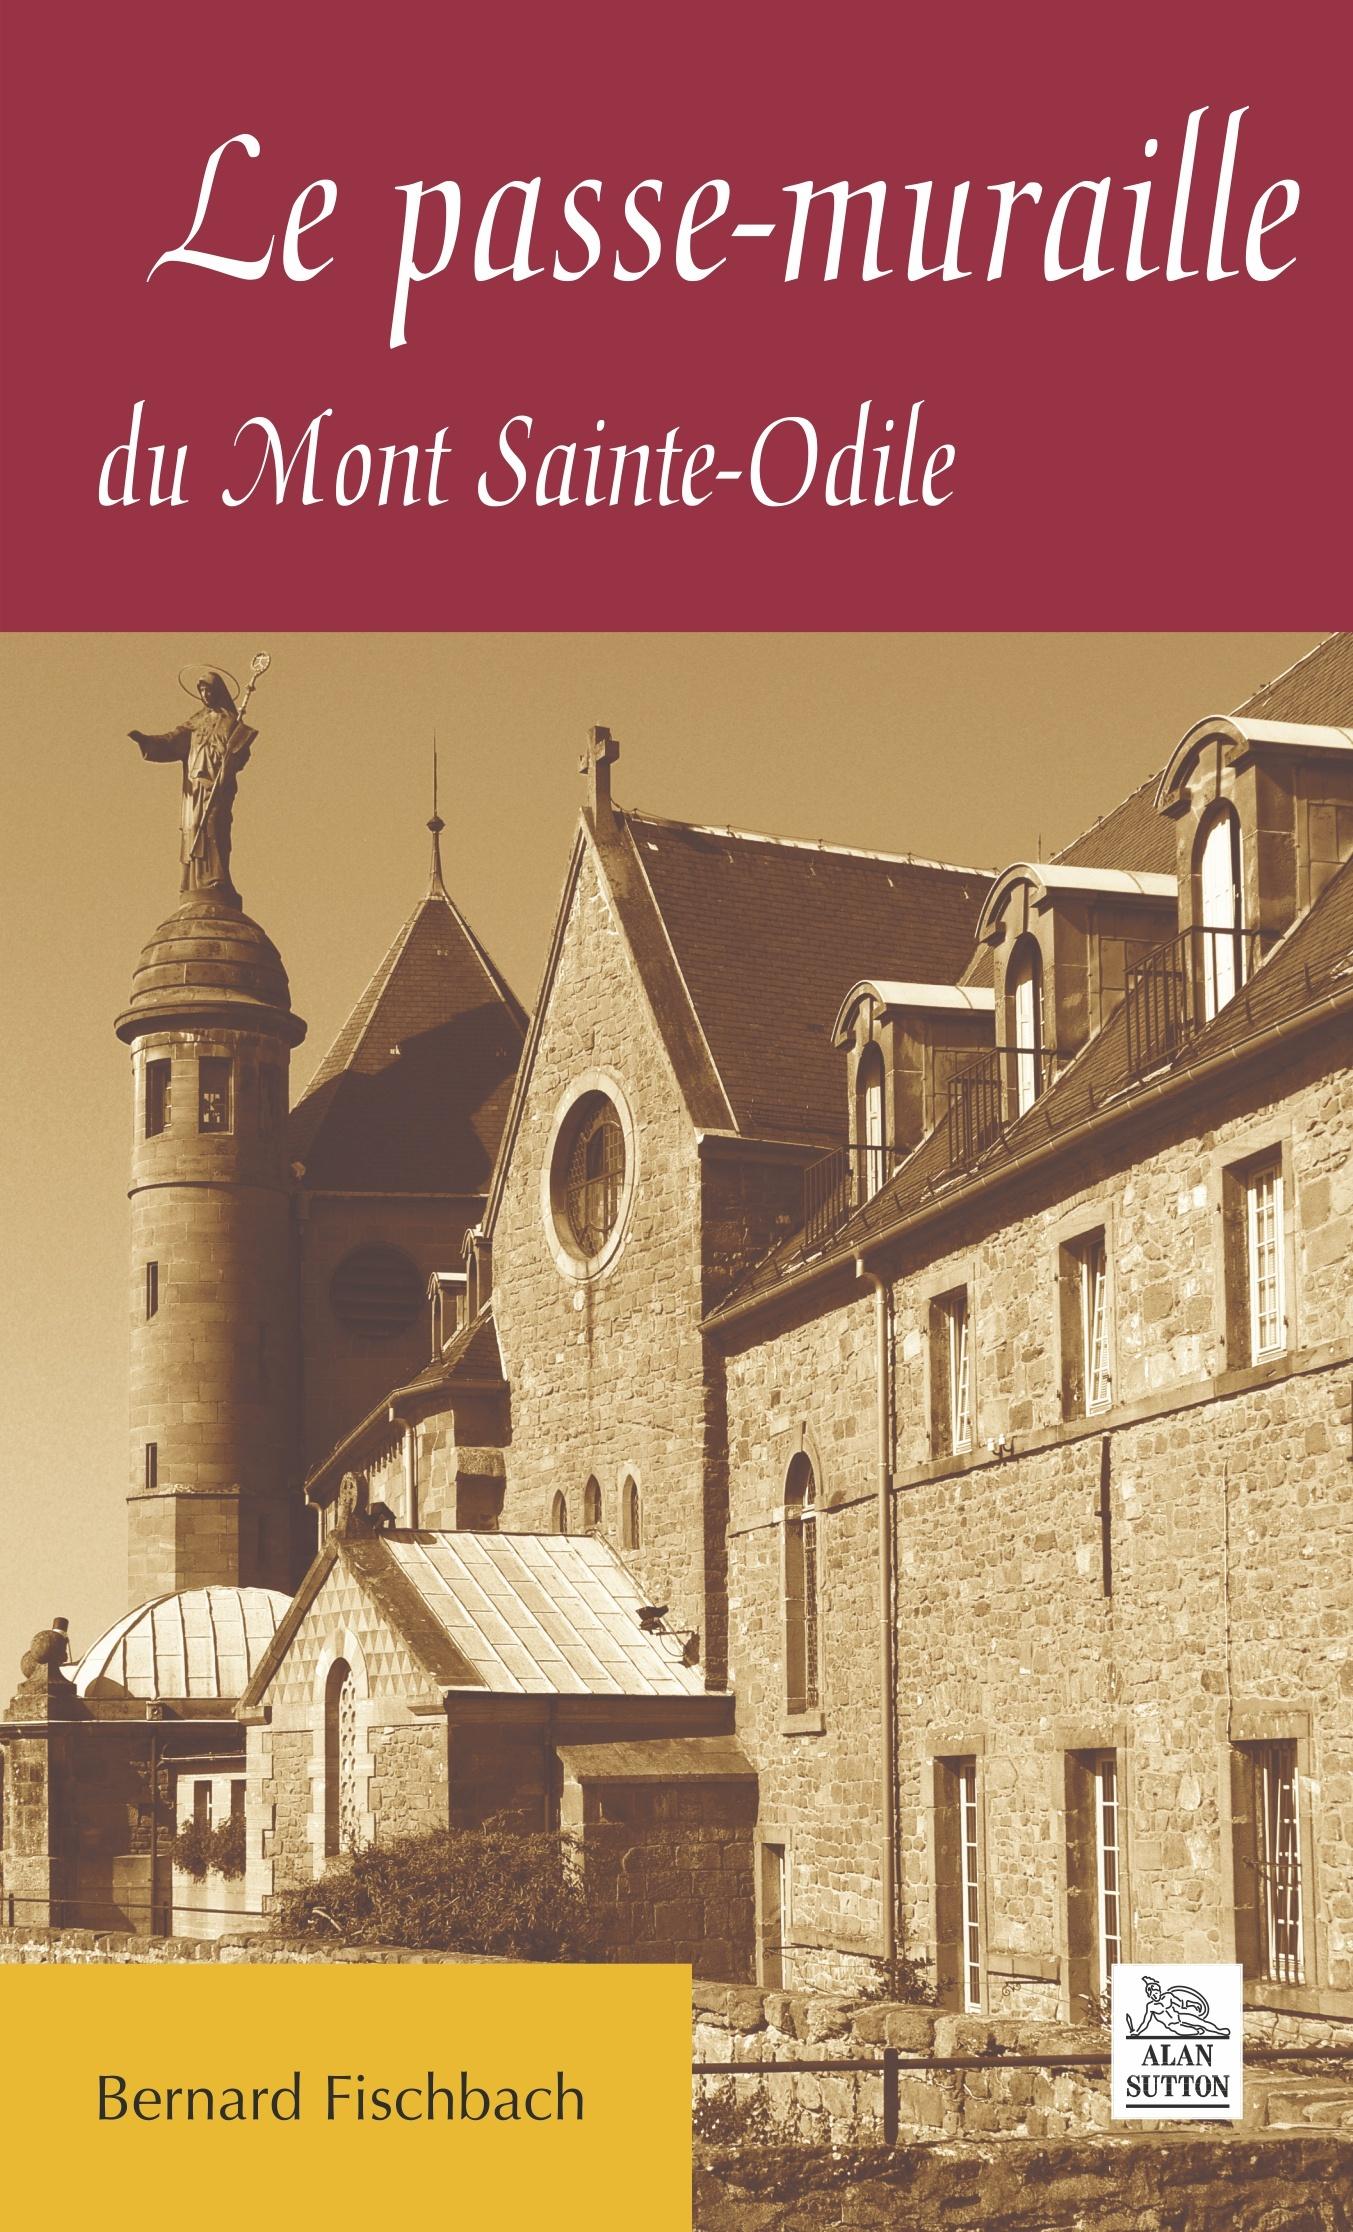 PASSE-MURAILLE DU MONT SAINTE-ODILE (LE)